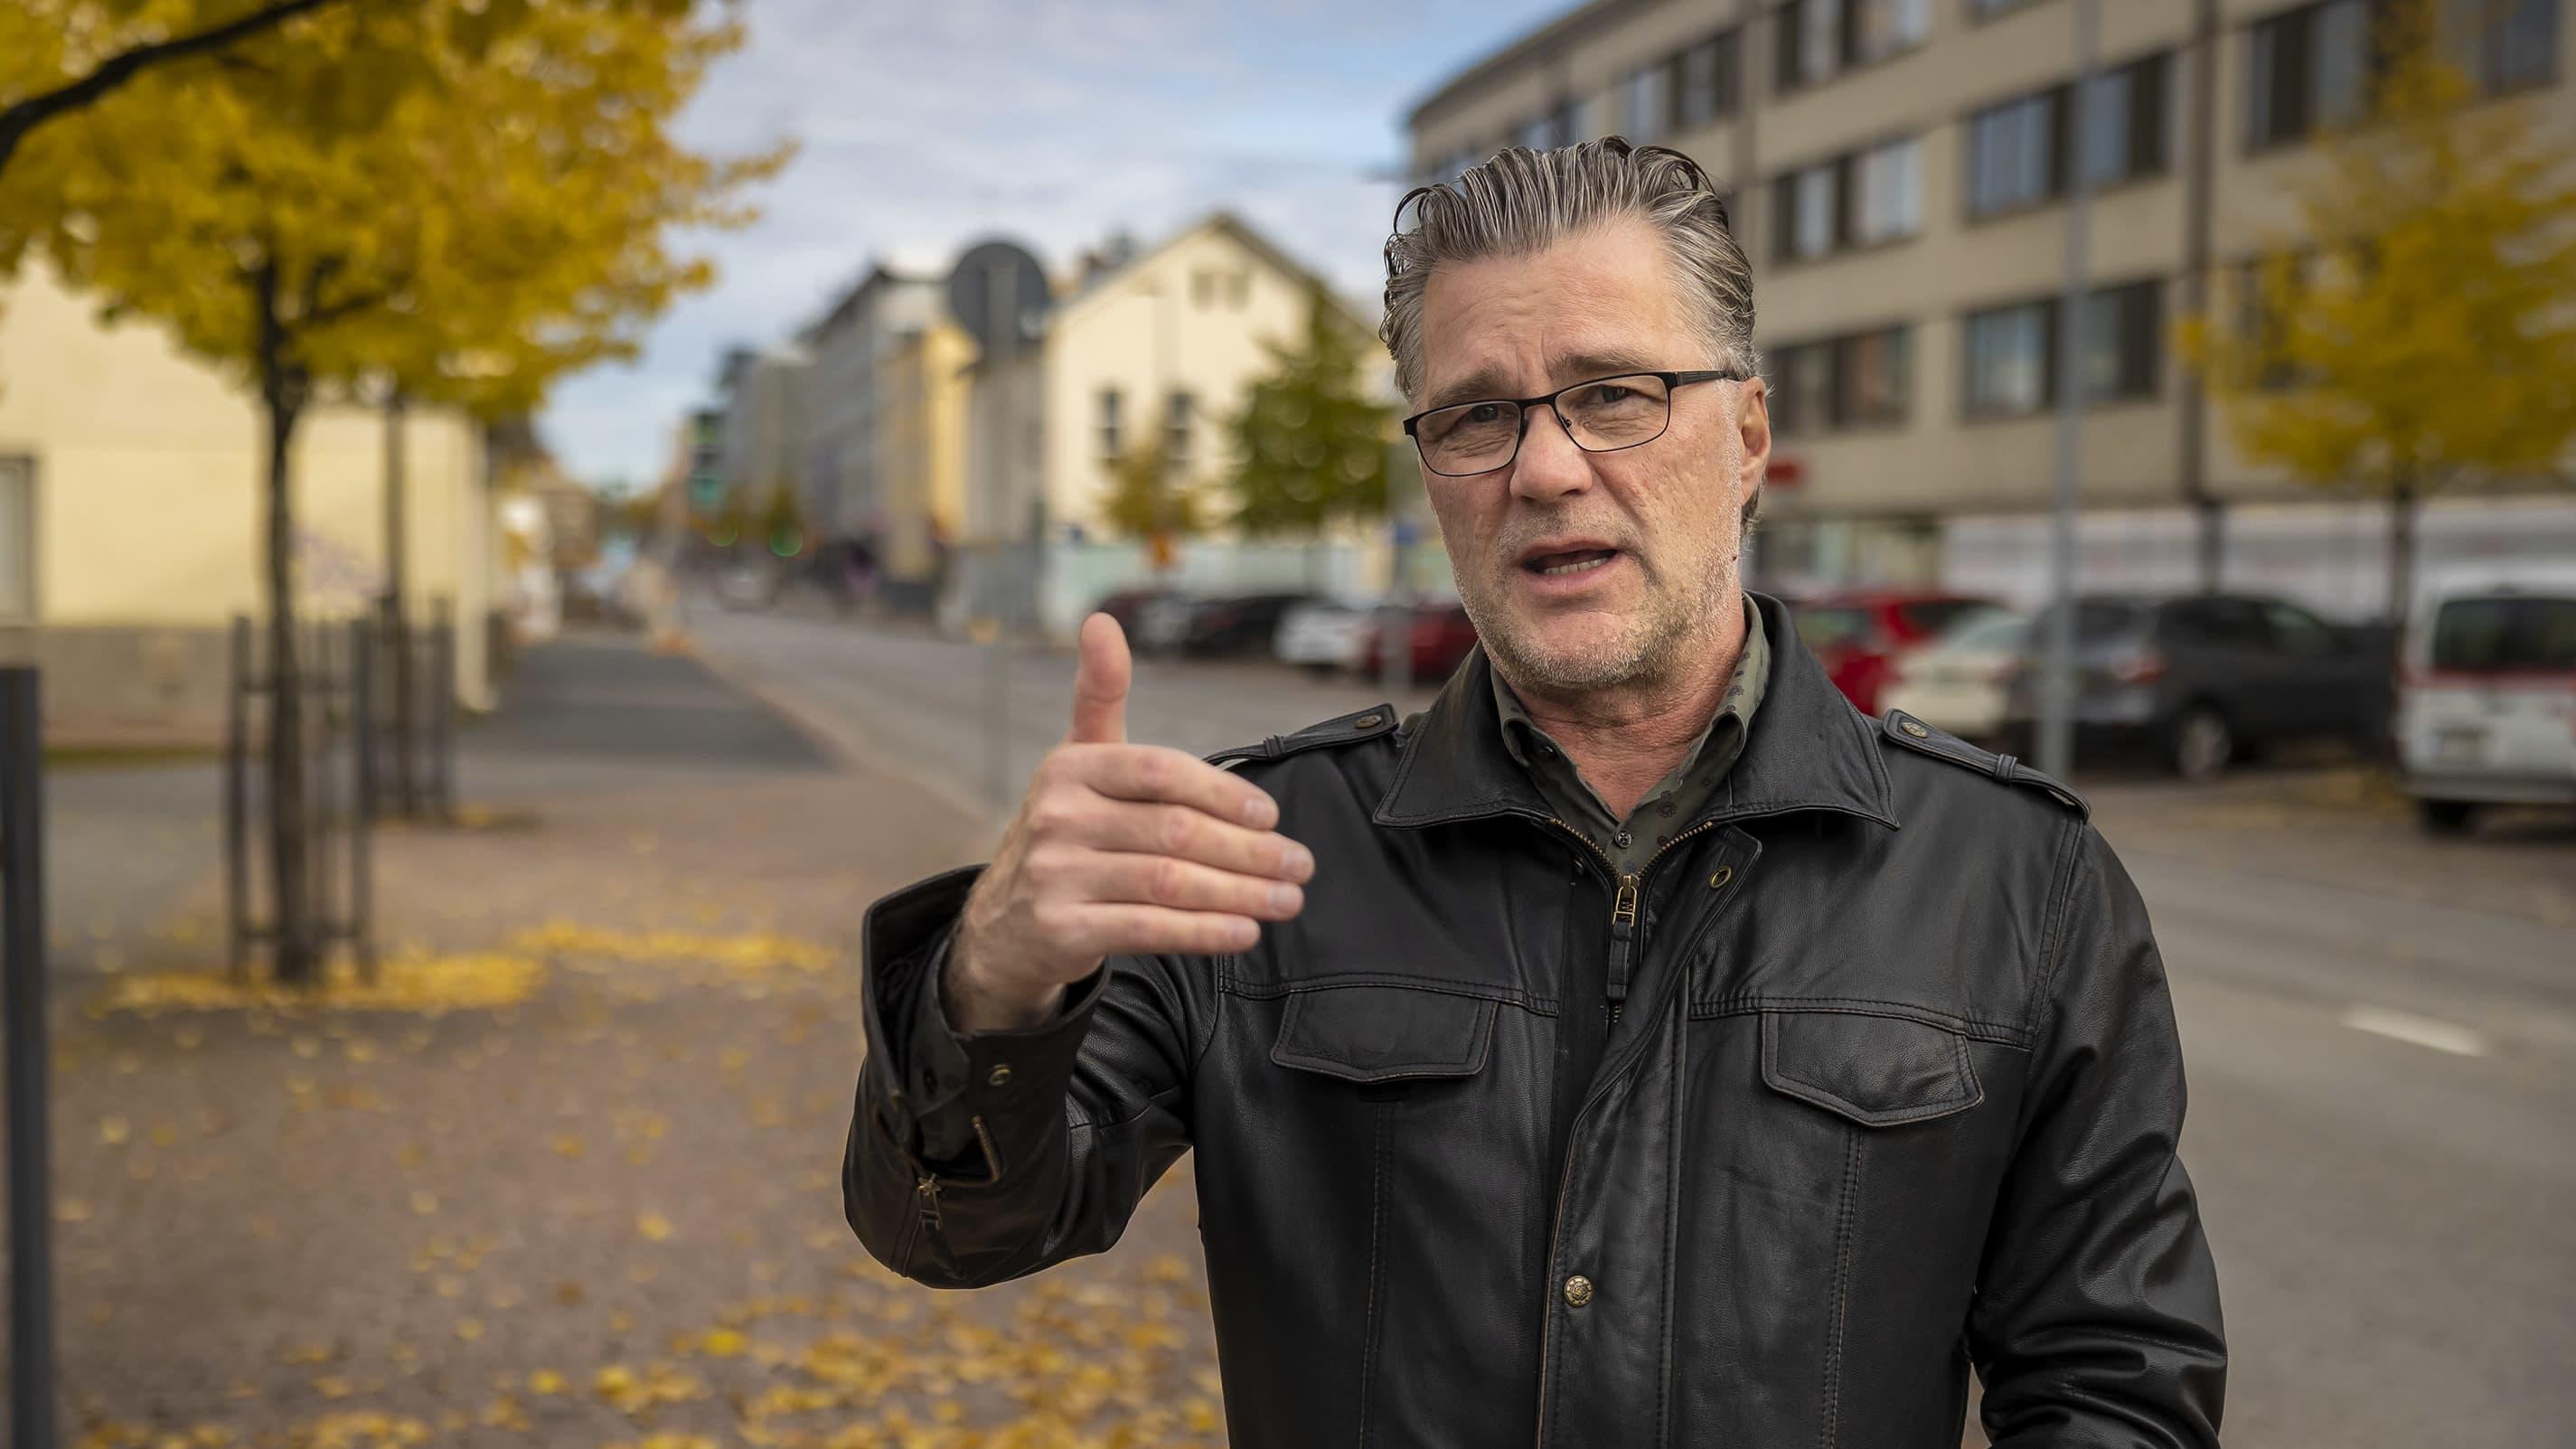 Oulun Liikenneturvan yhteyspäällikkö Eero Kalmakoski